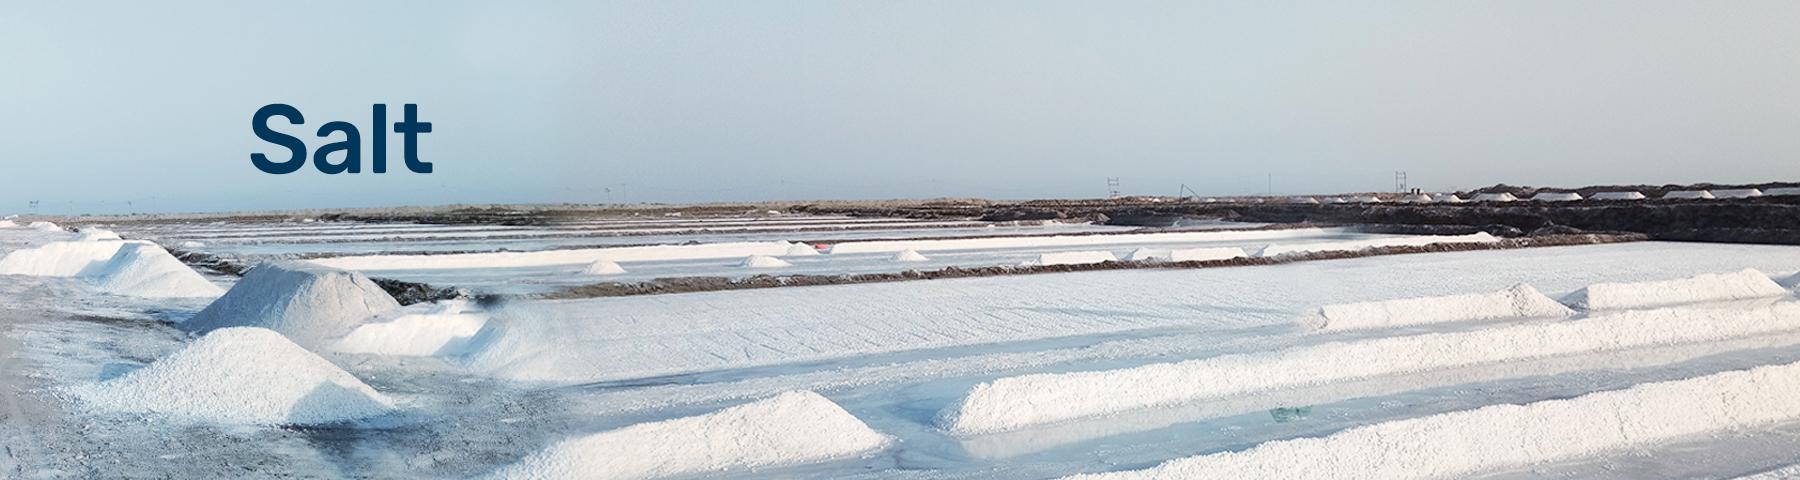 SKC-Salt-banner